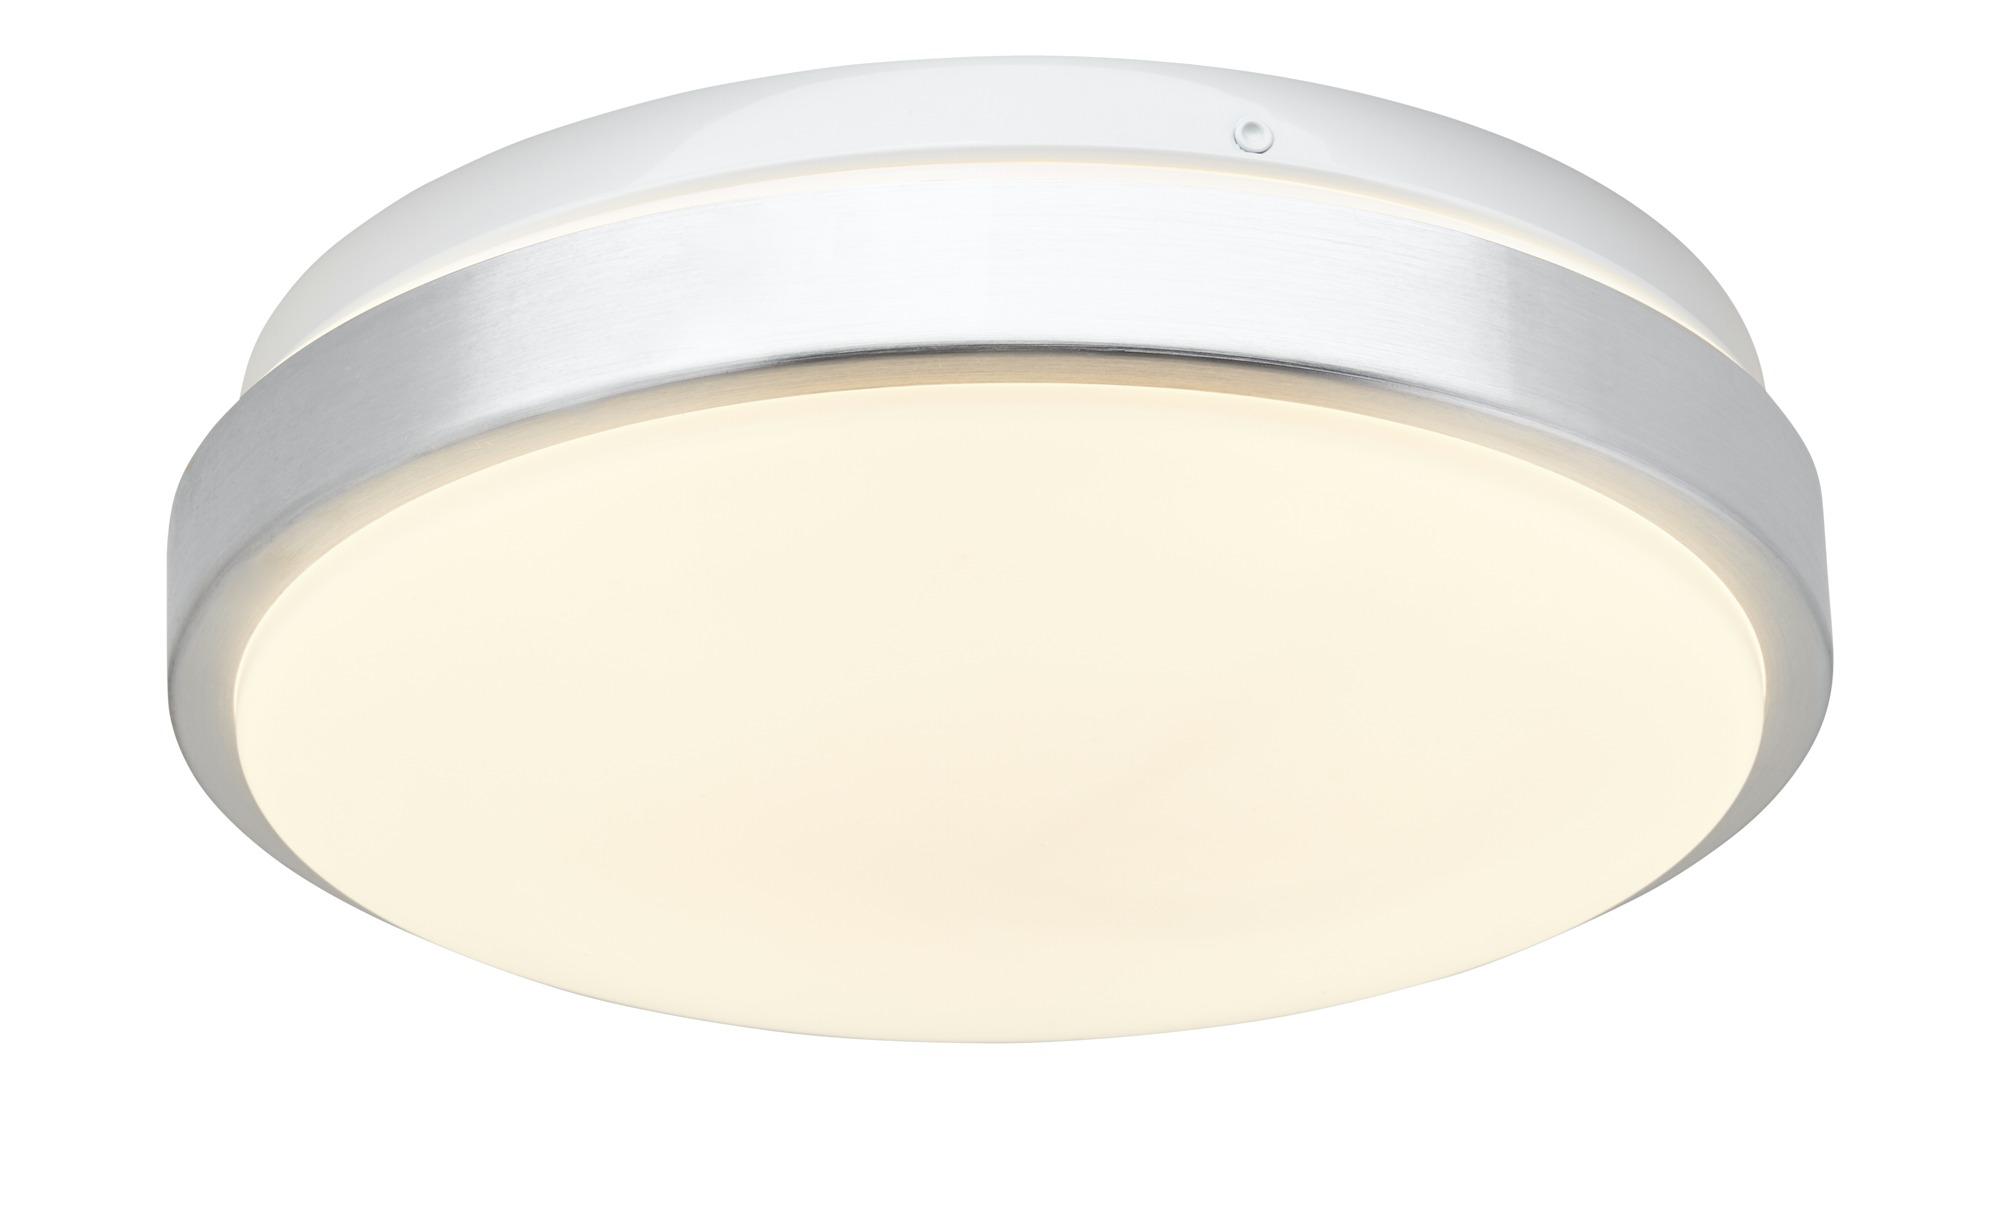 KHG LED-Deckenleuchte, 1-flammig ¦ silber ¦ Maße (cm): H: 7,5 Ø: 25 Lampen & Leuchten > Innenleuchten > Deckenleuchten - Höffner